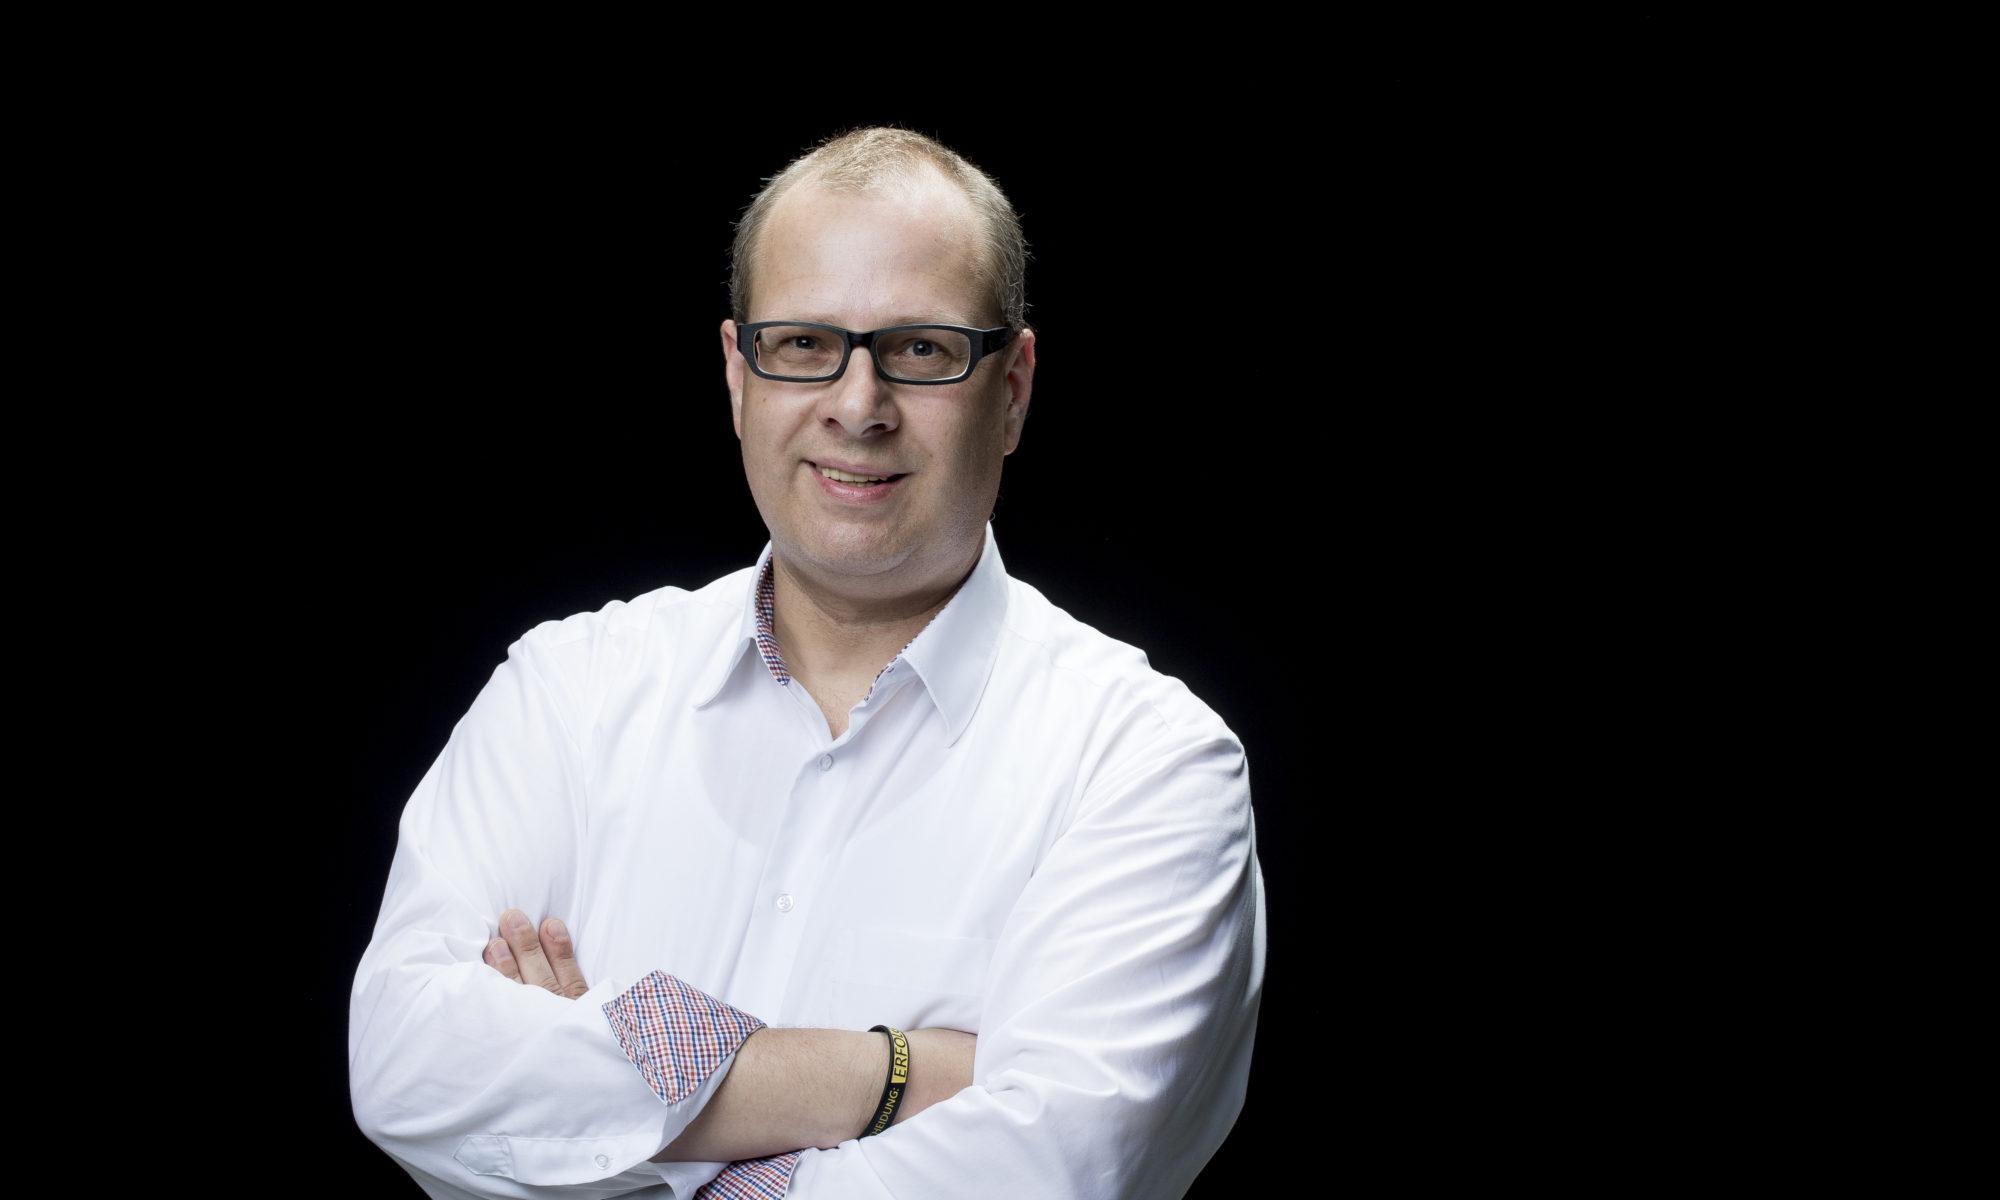 Mario-Deutsch-Unternehmer-Onlinemarketing-Experte-Networkmarketing-Profi